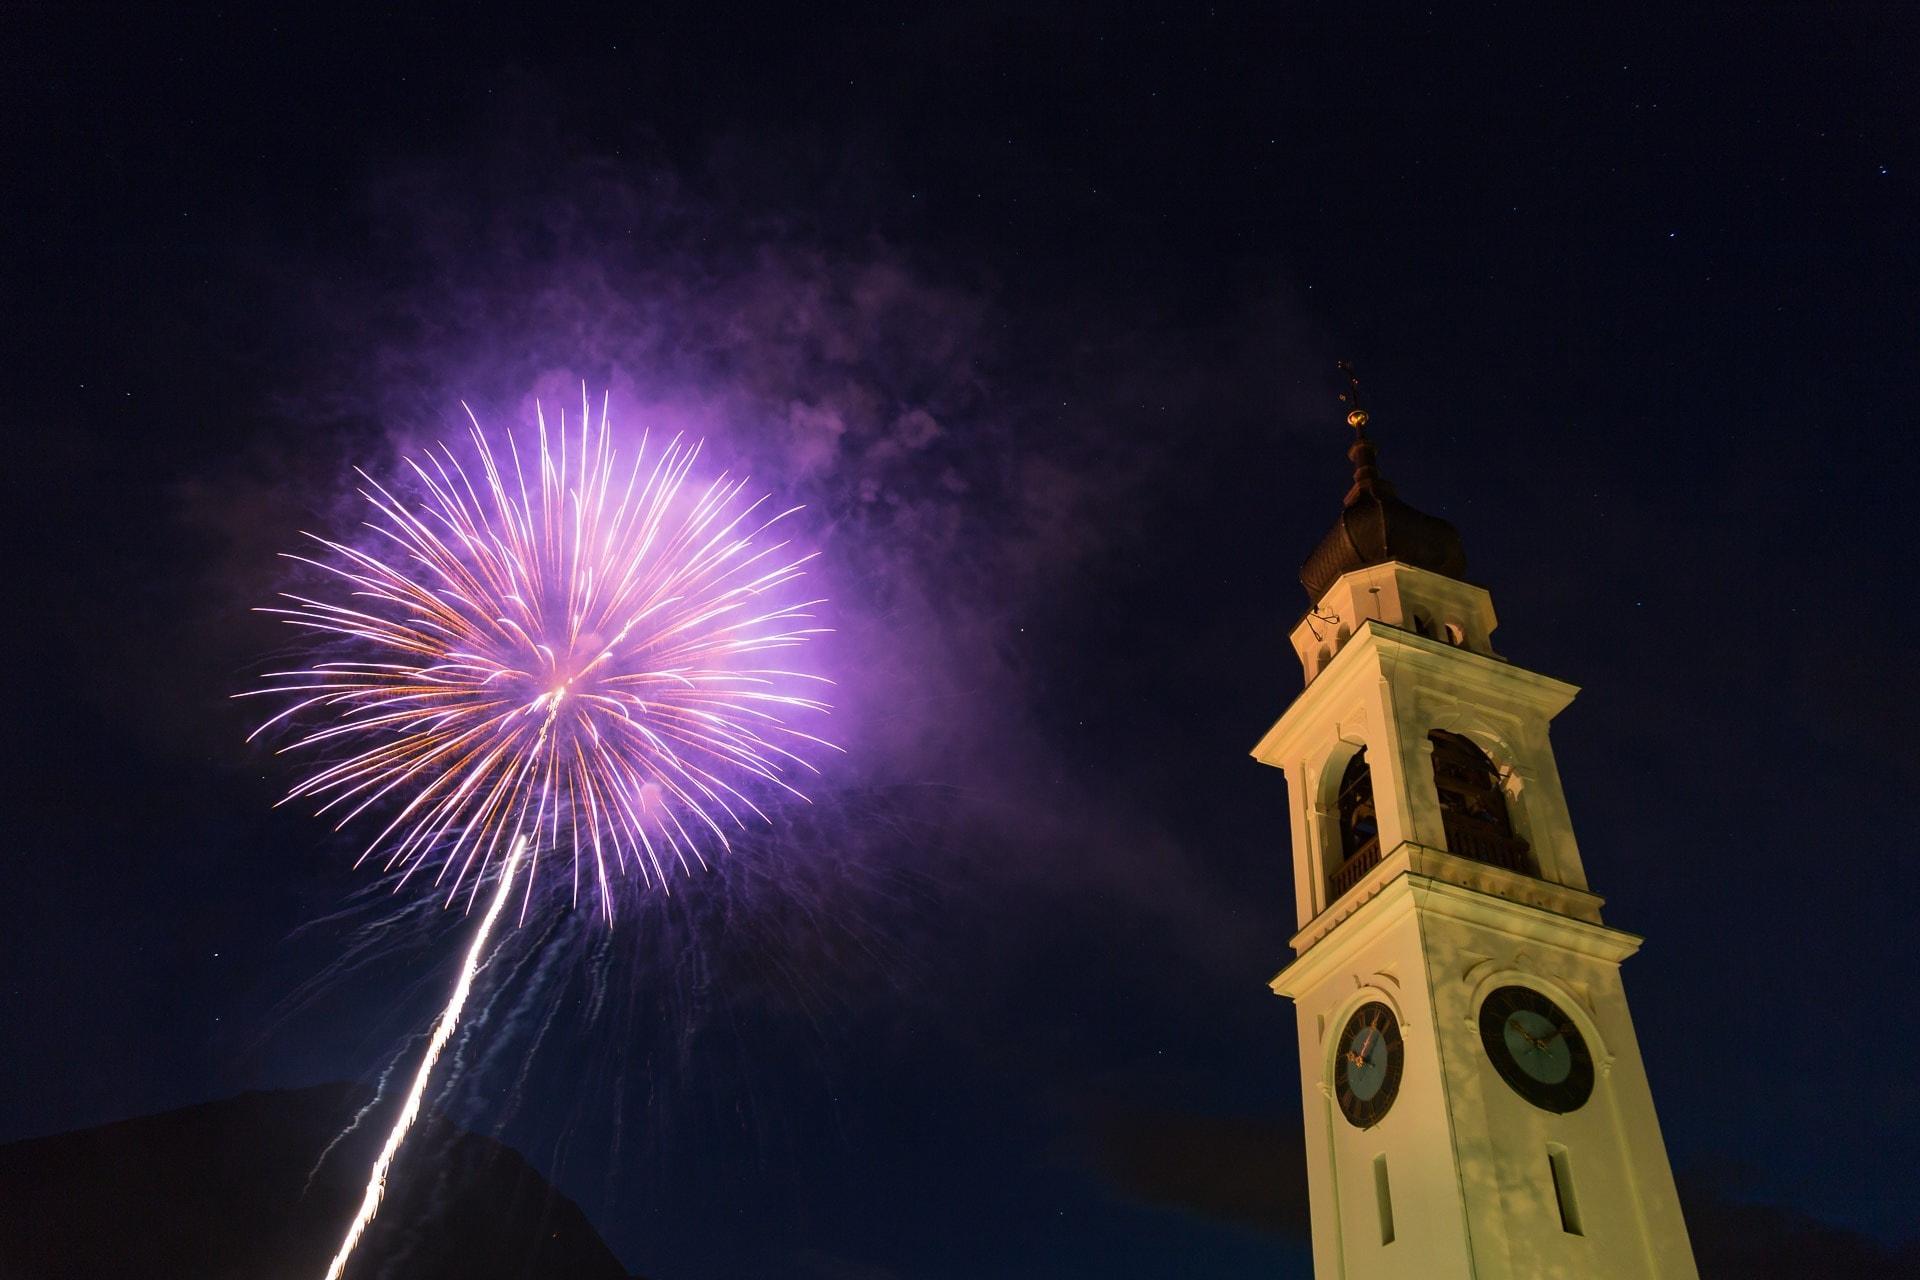 2015_11_07_ben_kepka_cultured_kiwi_Fireworks-1-5